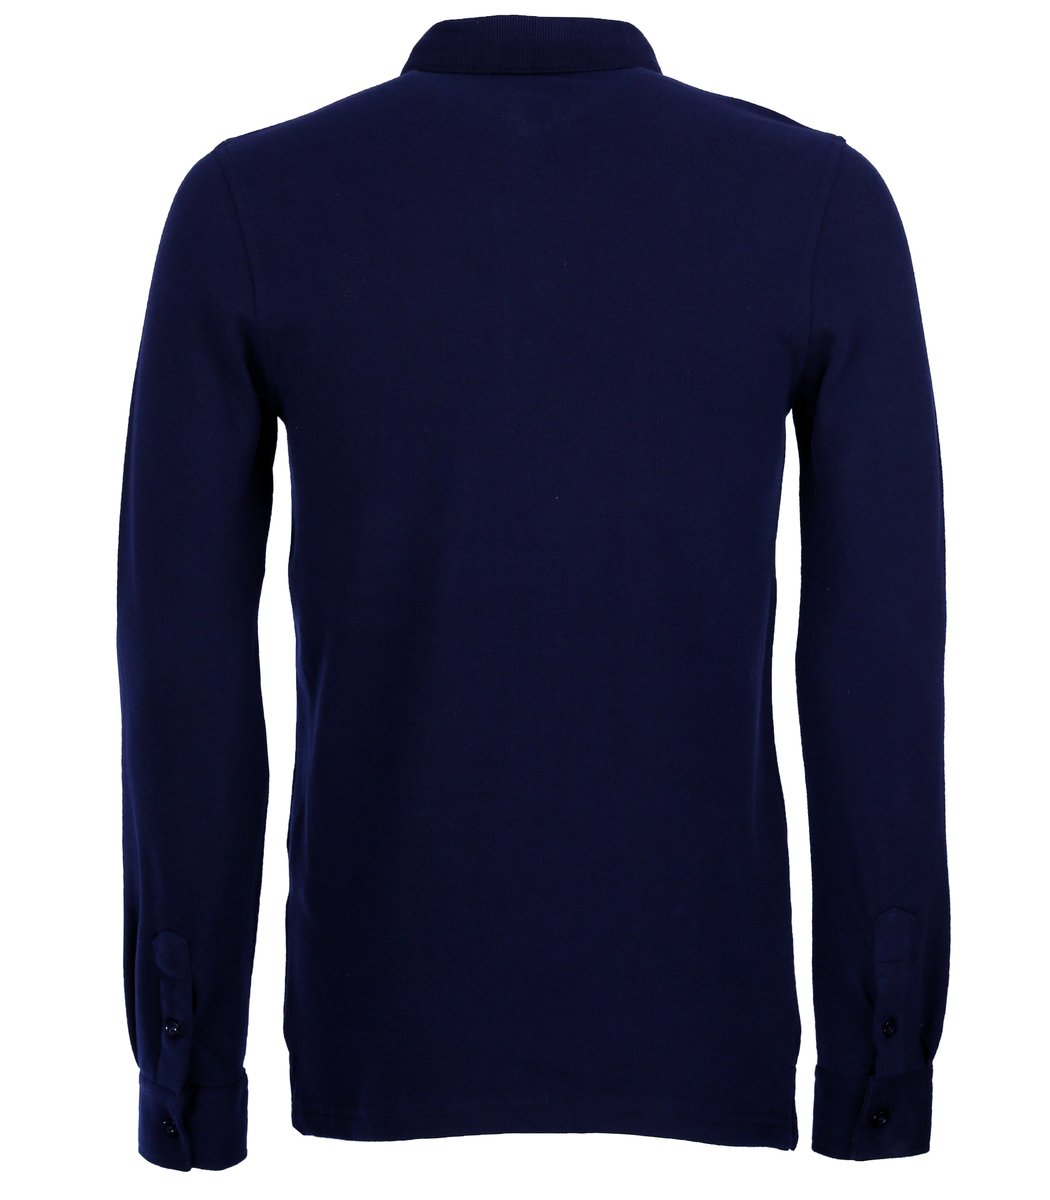 Тёмно-синее поло с длинным рукавом, воротник стойка, Lacoste PL2